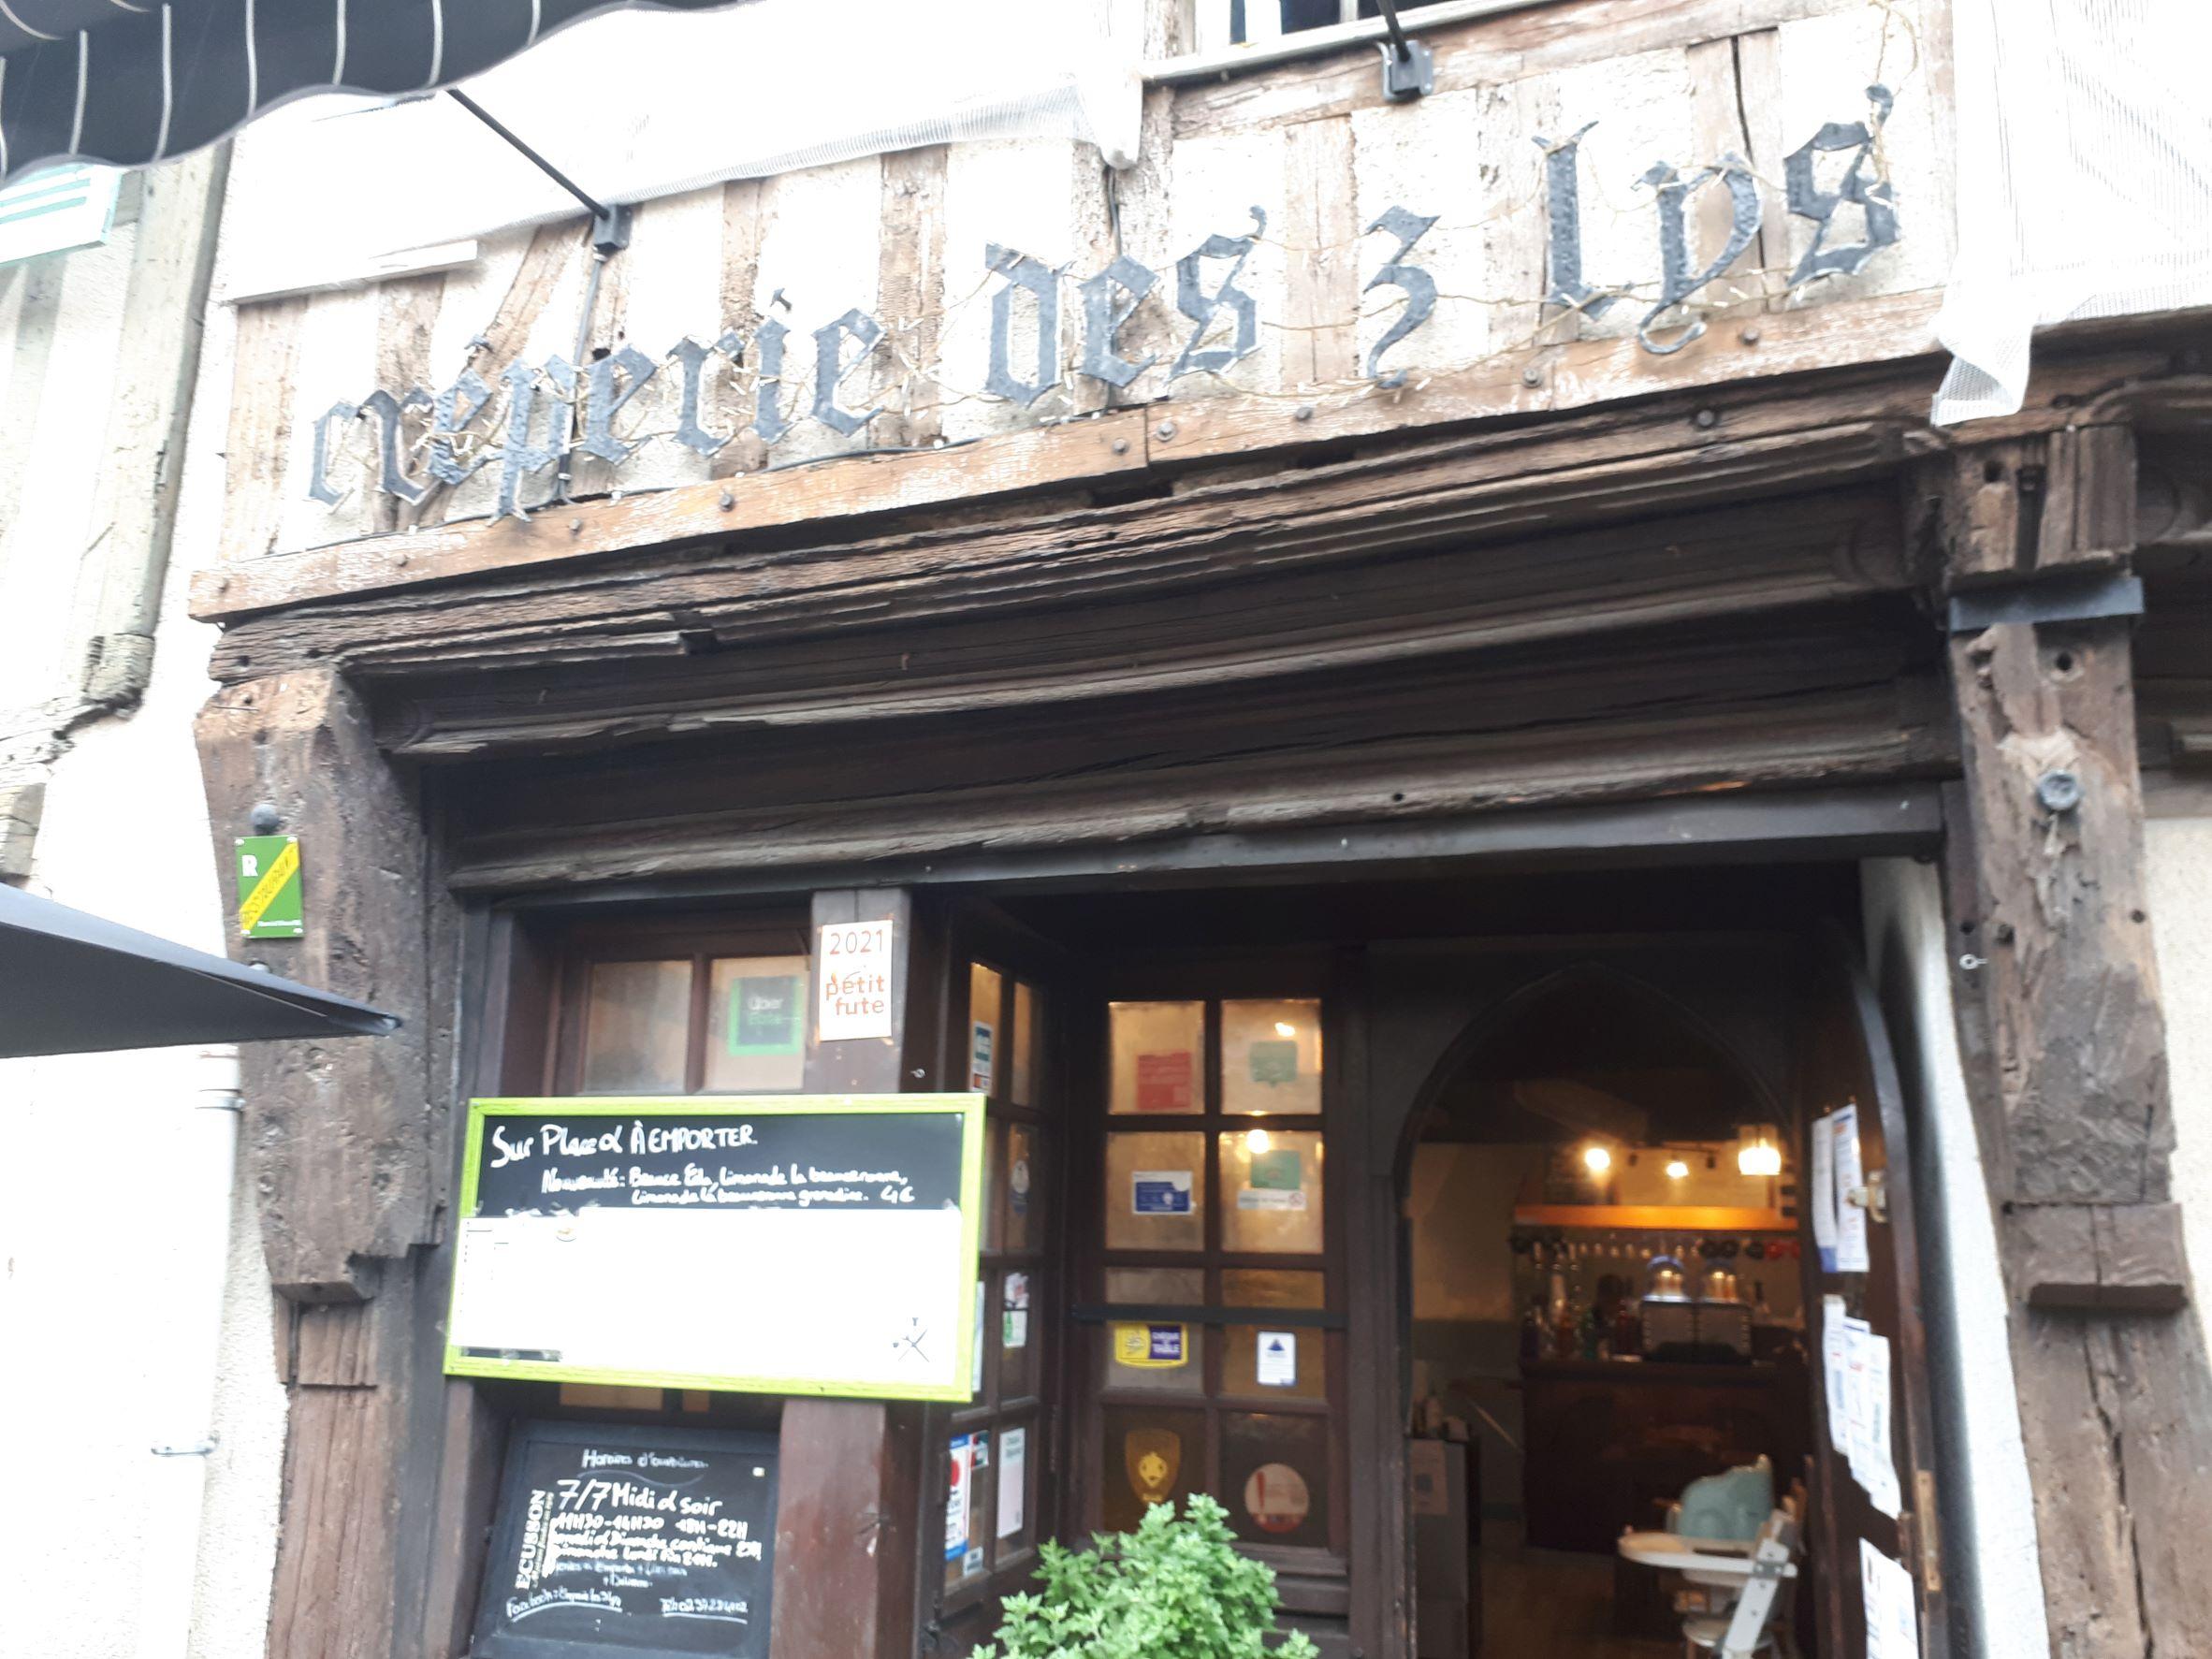 Chartres crep des 3 lys front sep21